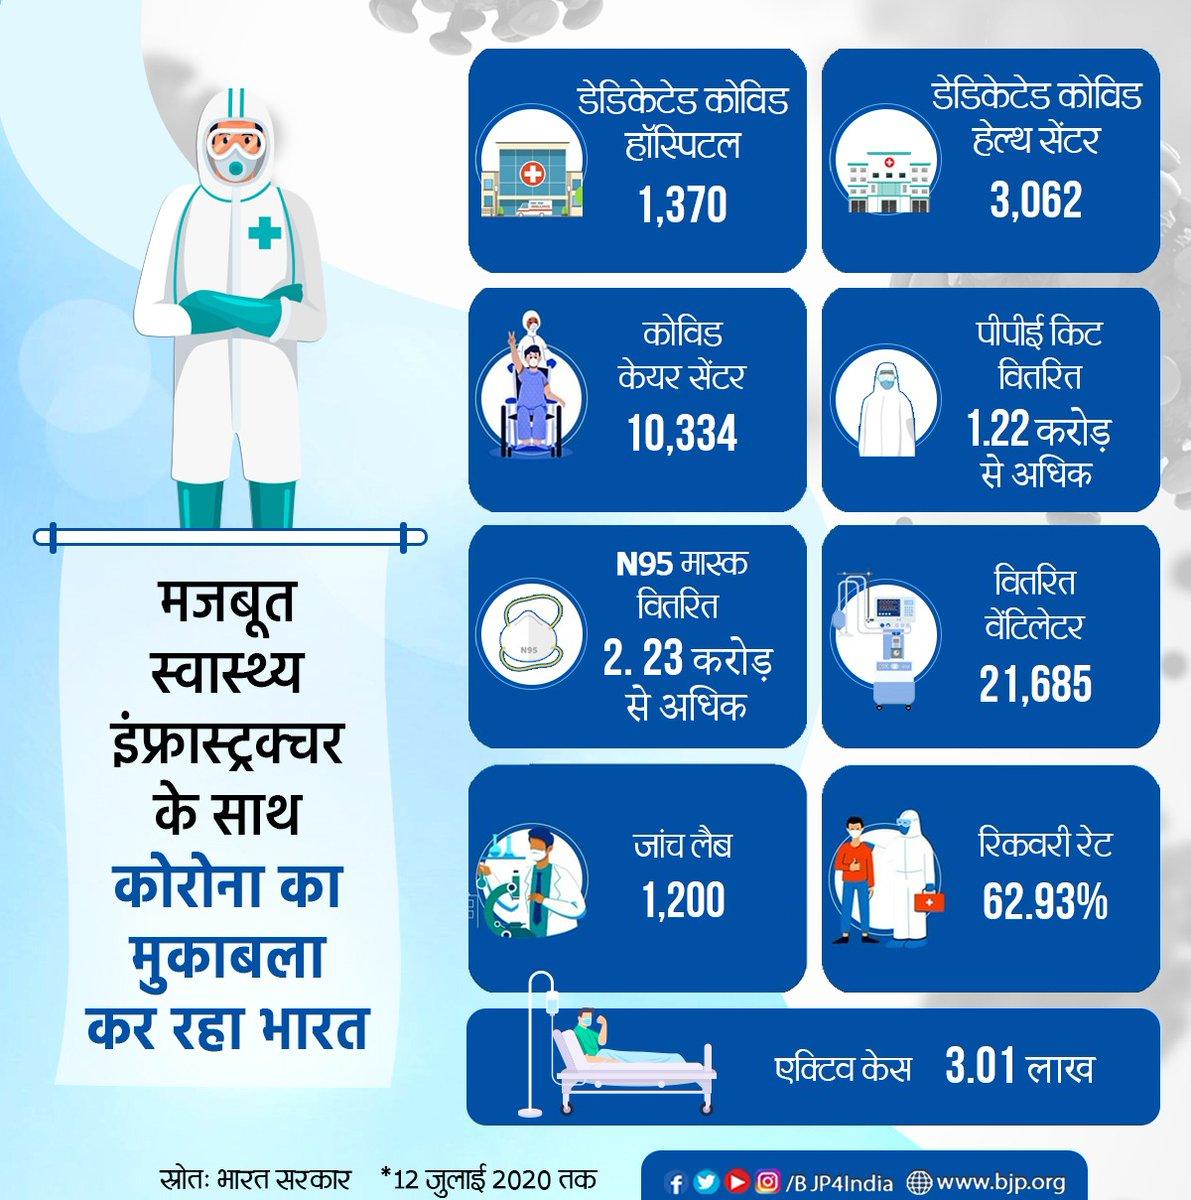 मोदी सरकार द्वारा लिए गए त्वरित और कड़े फैसलों के कारण आज मजबूत स्वास्थ्य इंफ्रास्ट्रक्चर के साथ कोरोना का डटकर मुकाबला कर रहा भारत।  देश भर में डेडिकेटेड कोविड हॉस्पिटल की संख्या 1,370, डेडिकेटेड कोविड हेल्थ सेंटर की संख्या 3,062 और कोविड केयर सेंटर की संख्या 10,334 हो गई है। https://t.co/oIaxxdpAI8